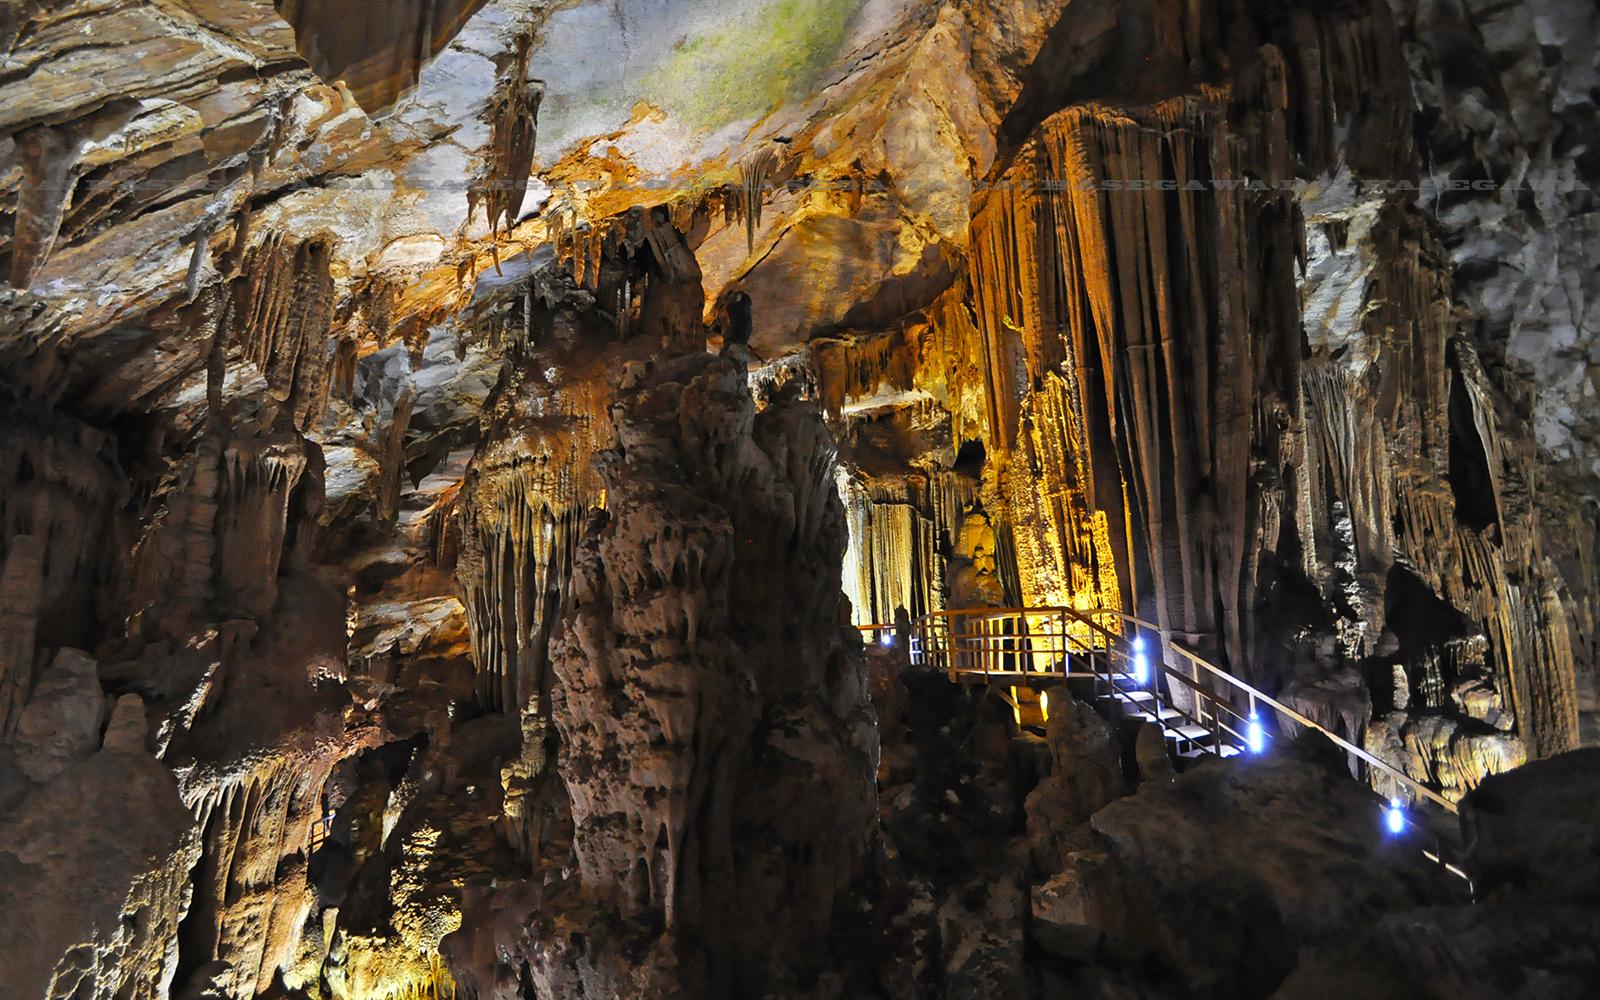 フォンニャ=ケバン国立公園の画像 p1_14